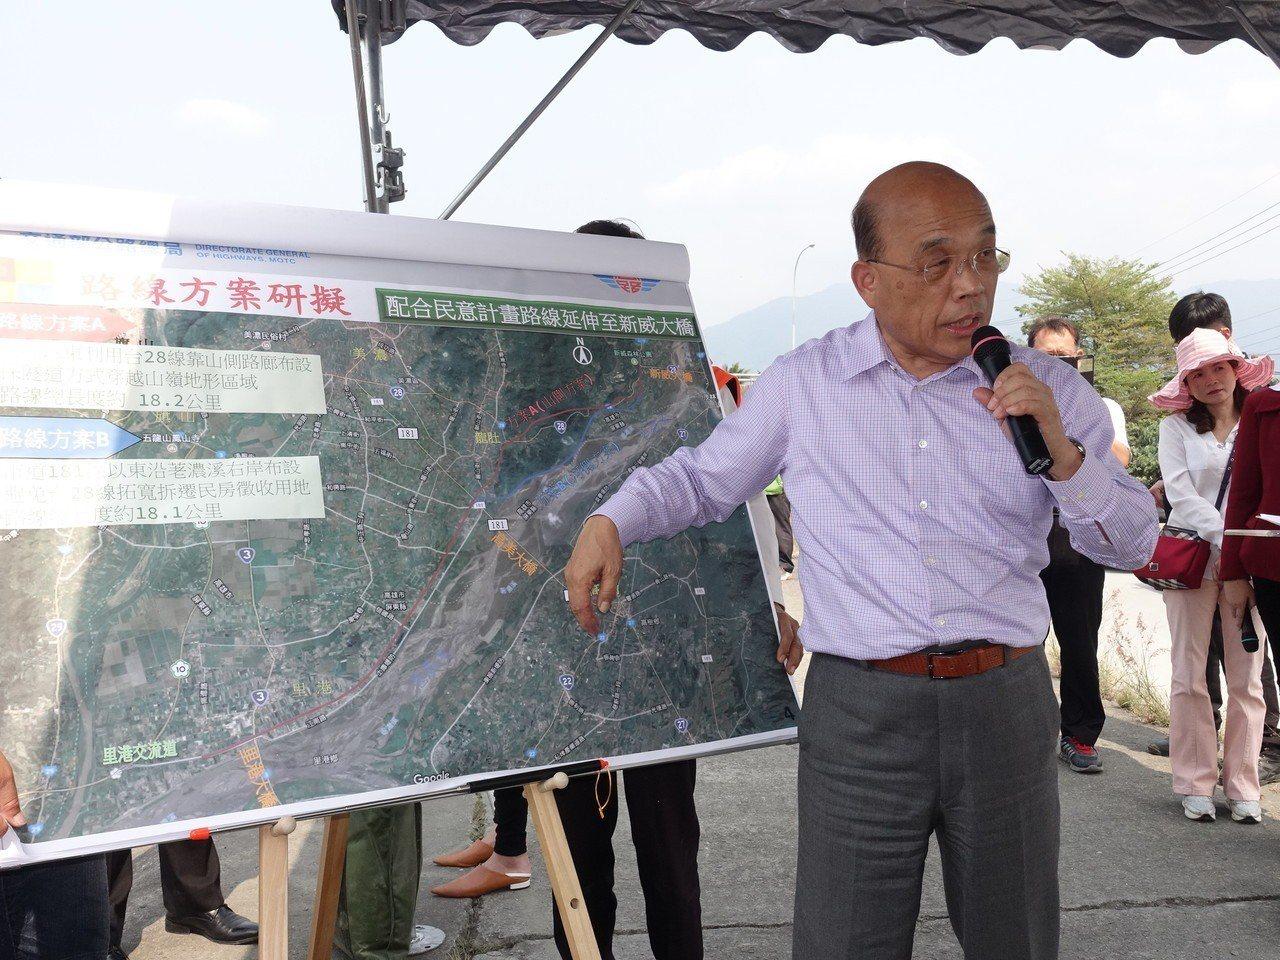 行政院長蘇貞昌對高屏兩地十分了解,他也自己跳下來解釋新路線,並說當年高美大橋就是...